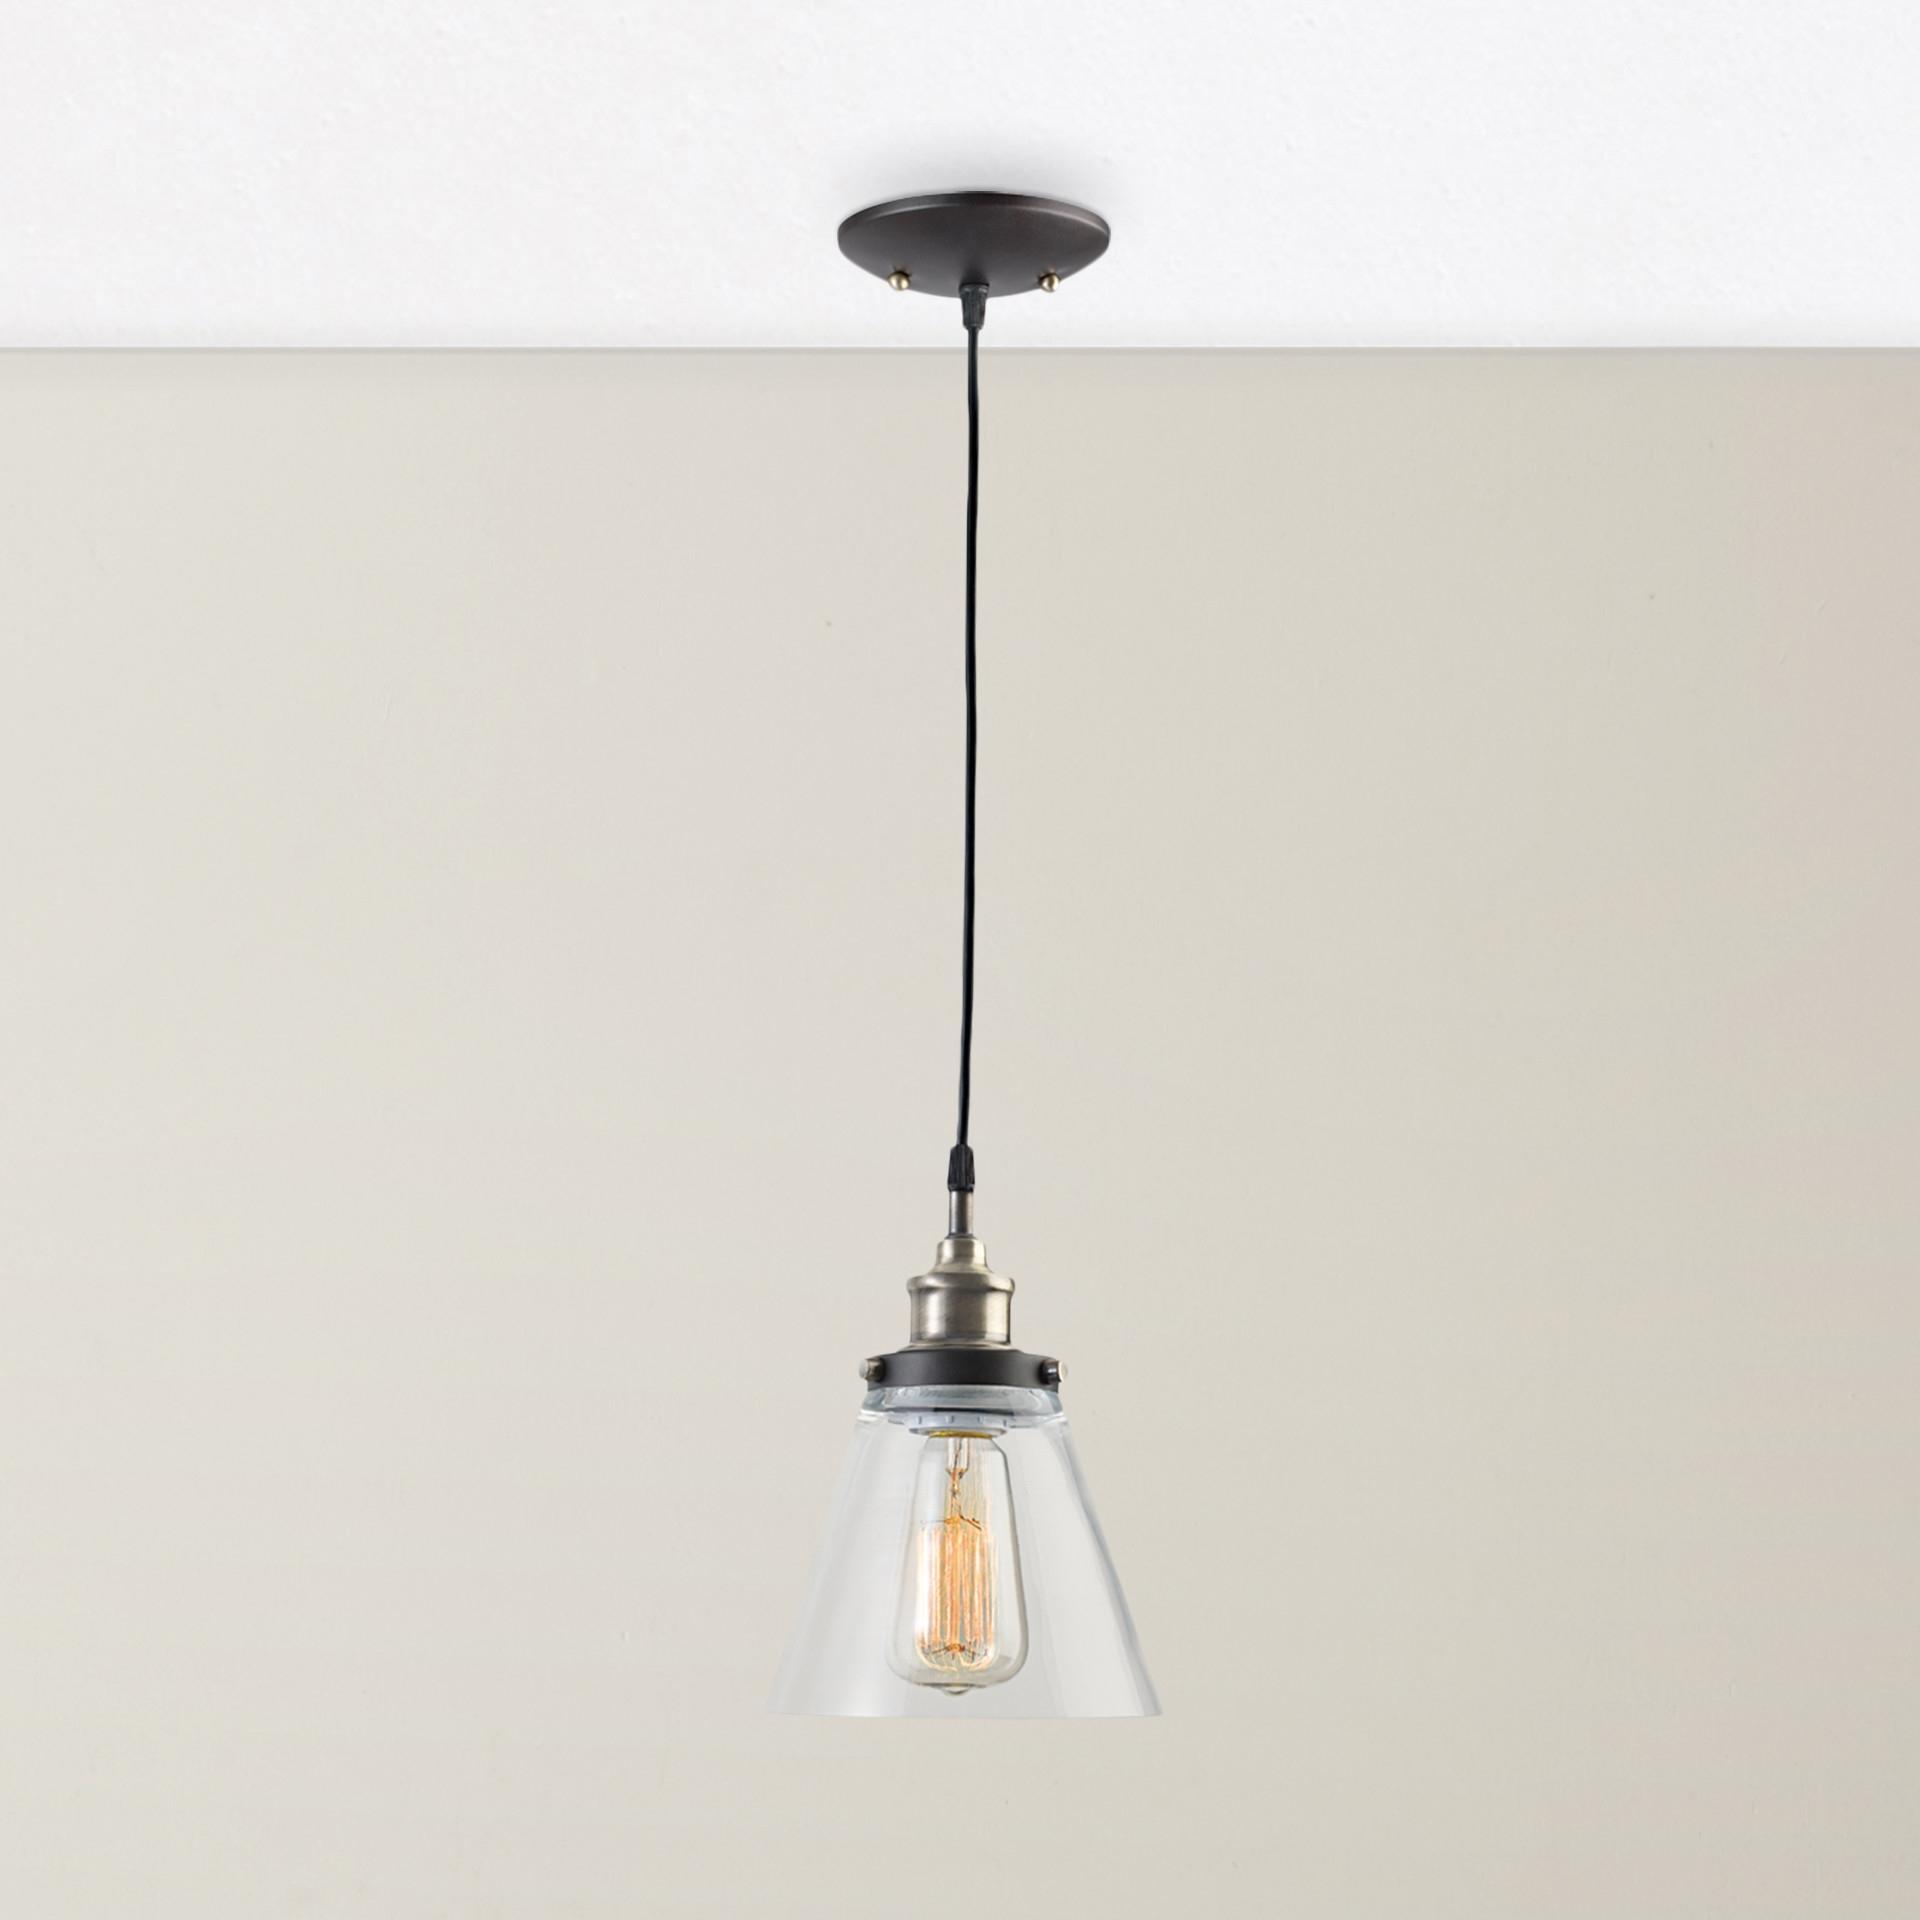 Chandelier Light Fixtures Outdoor Ceiling Fans Island Lighting Regarding Most Popular Lamps Plus Outdoor Hanging Lights (View 2 of 20)